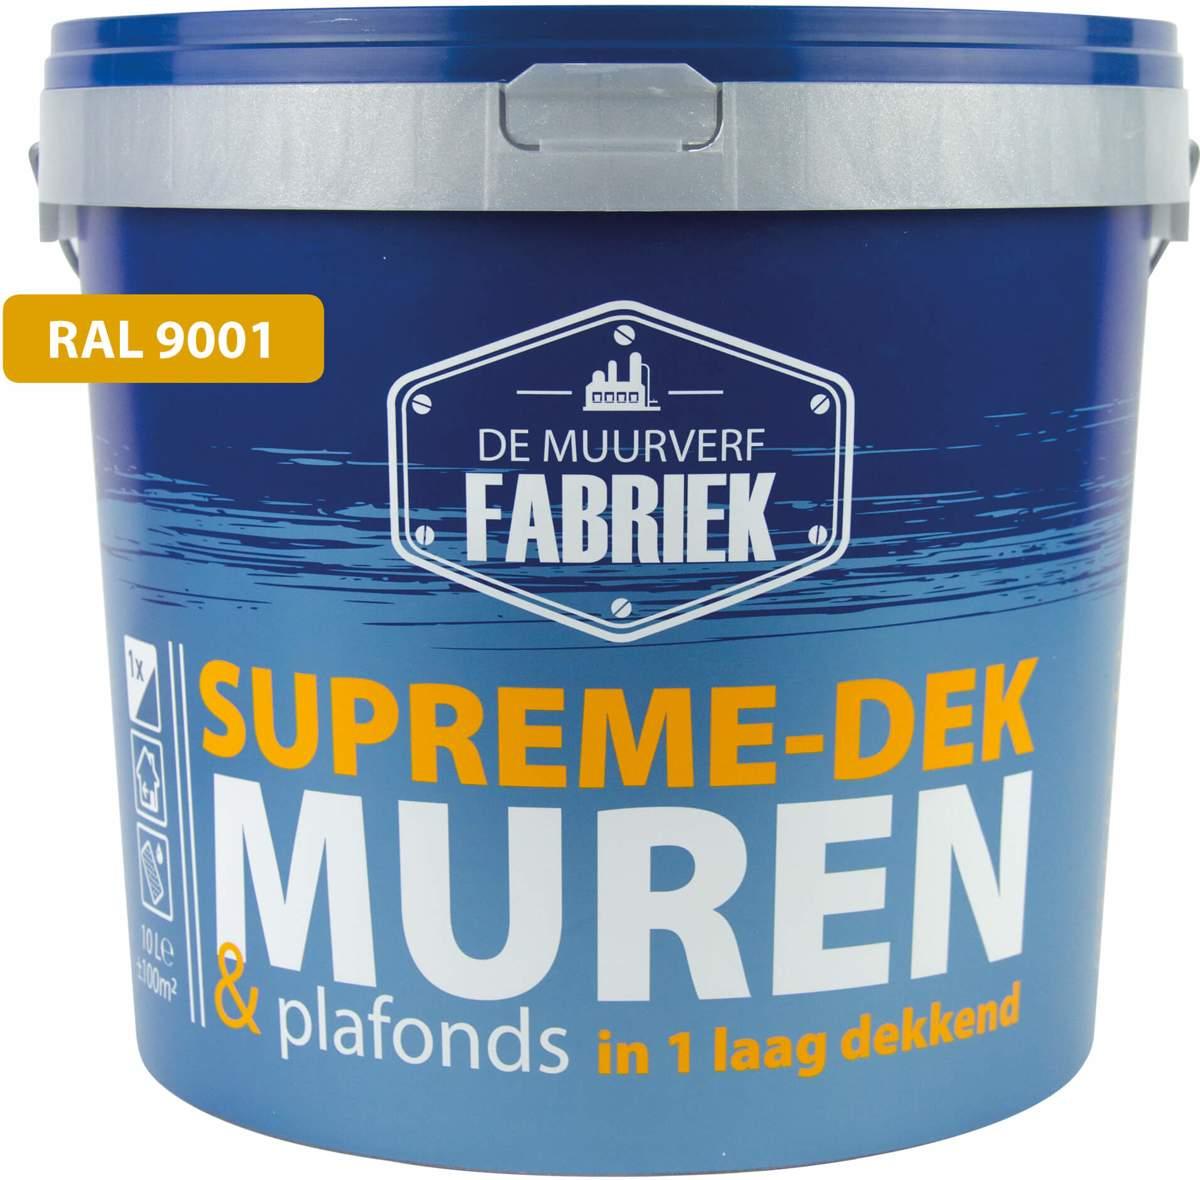 RAL 9001 Muurverf � extra reinigbaar | Supreme-dek Clean | 10 liter